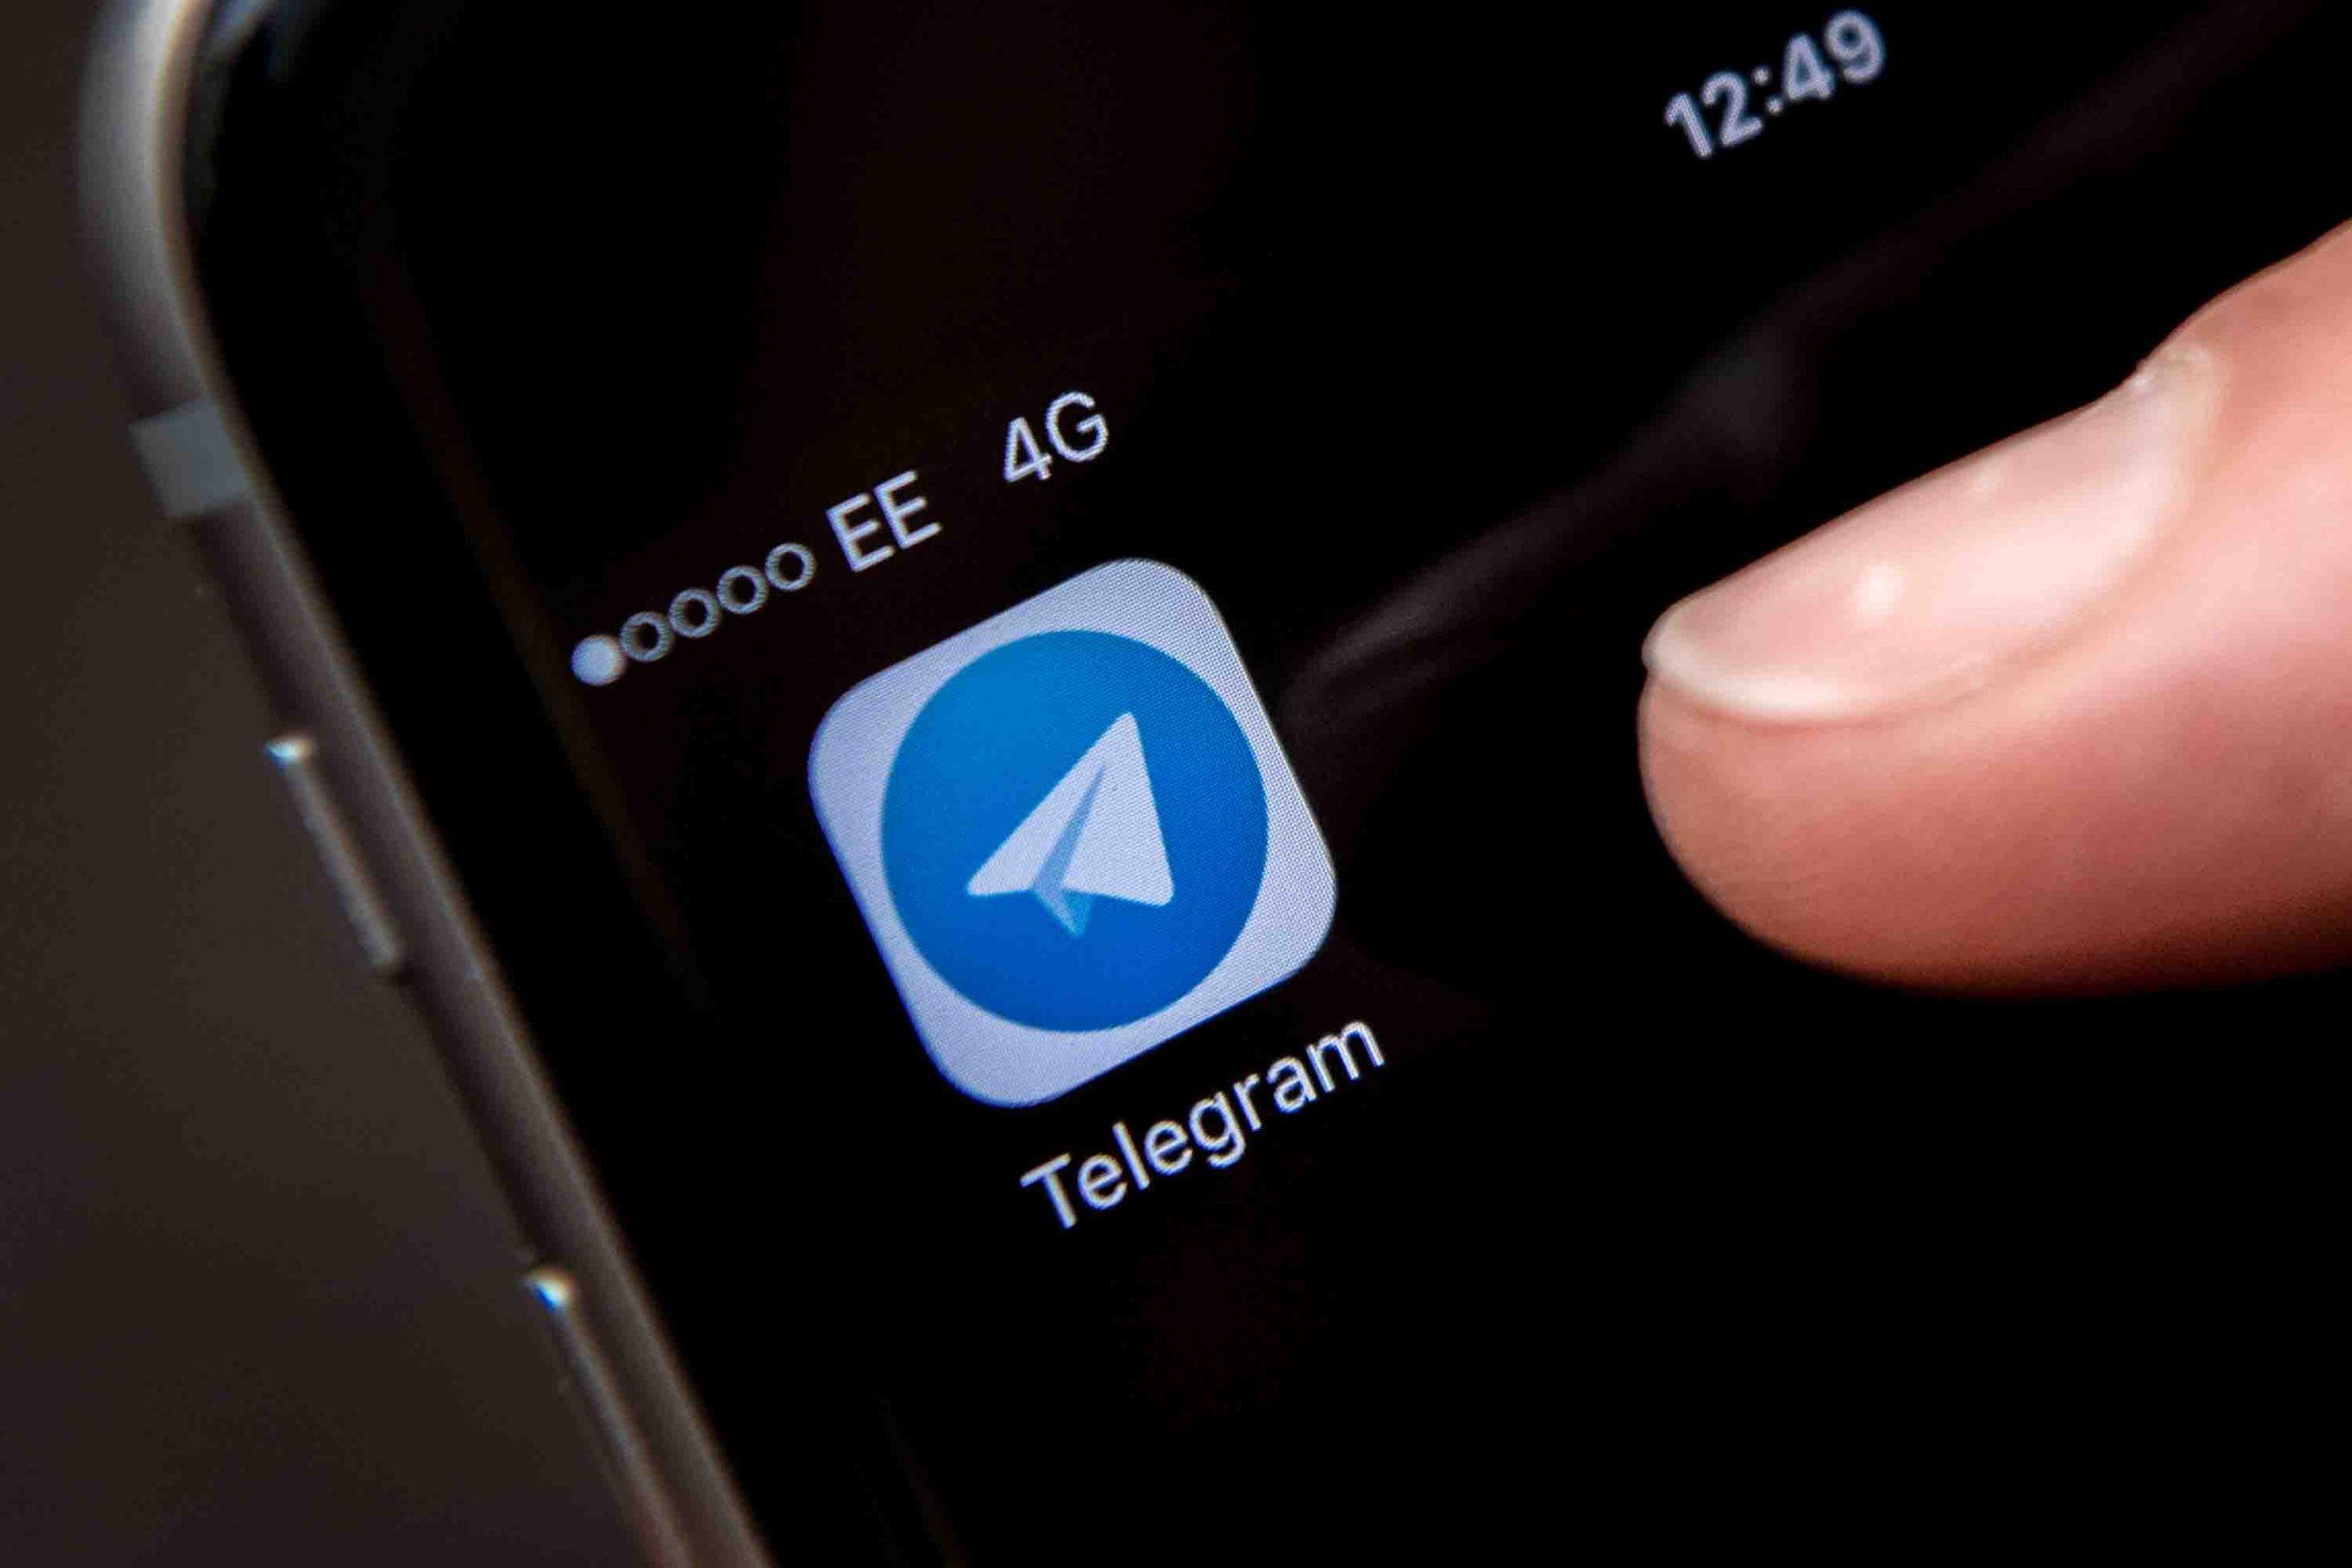 تلگرام به زودی میزبان تماس های ویدئویی گروهی خواهد شد.